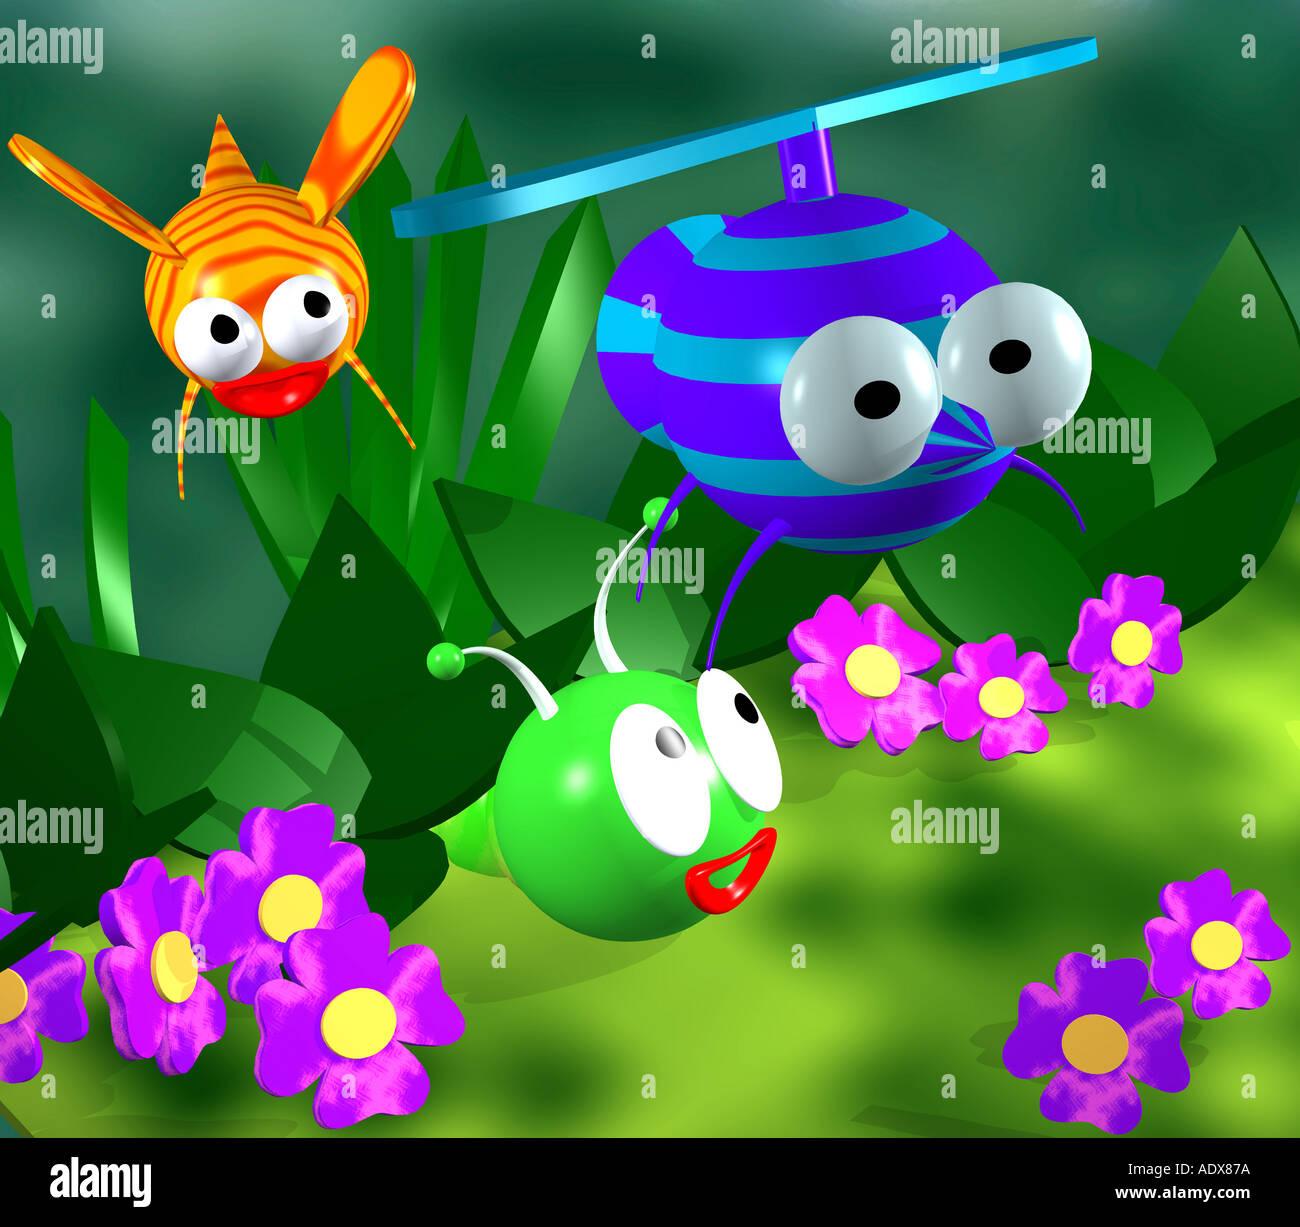 Ilustraciones de gráficos por ordenador personajes CG INSECTOS insectos mosquito abeja estilizadas flores flores infantil de dibujos animados infantiles char Imagen De Stock